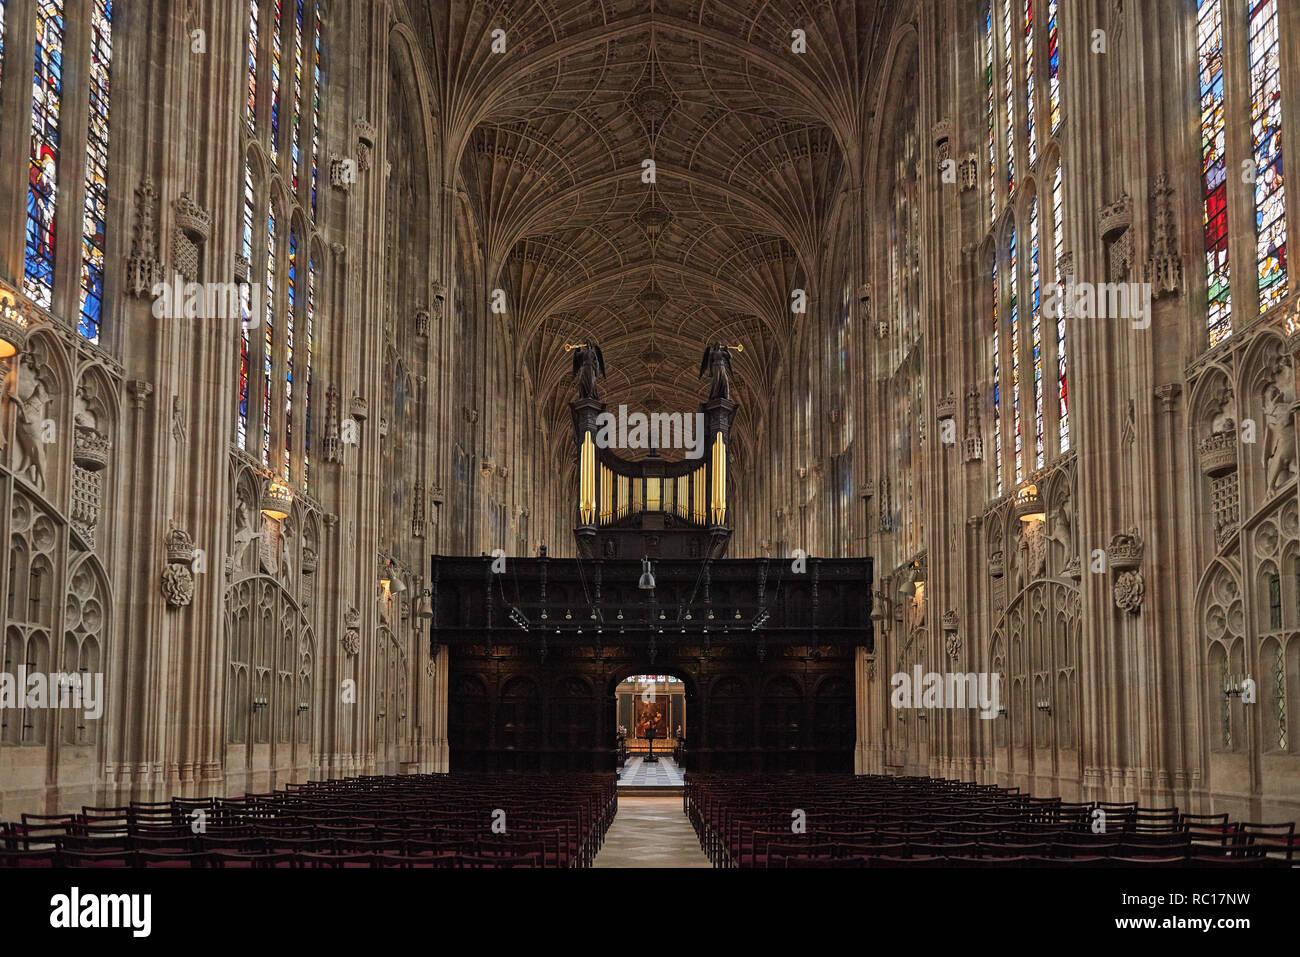 Interior de la capilla de King's College en el King's College de la Universidad de Cambridge Foto de stock